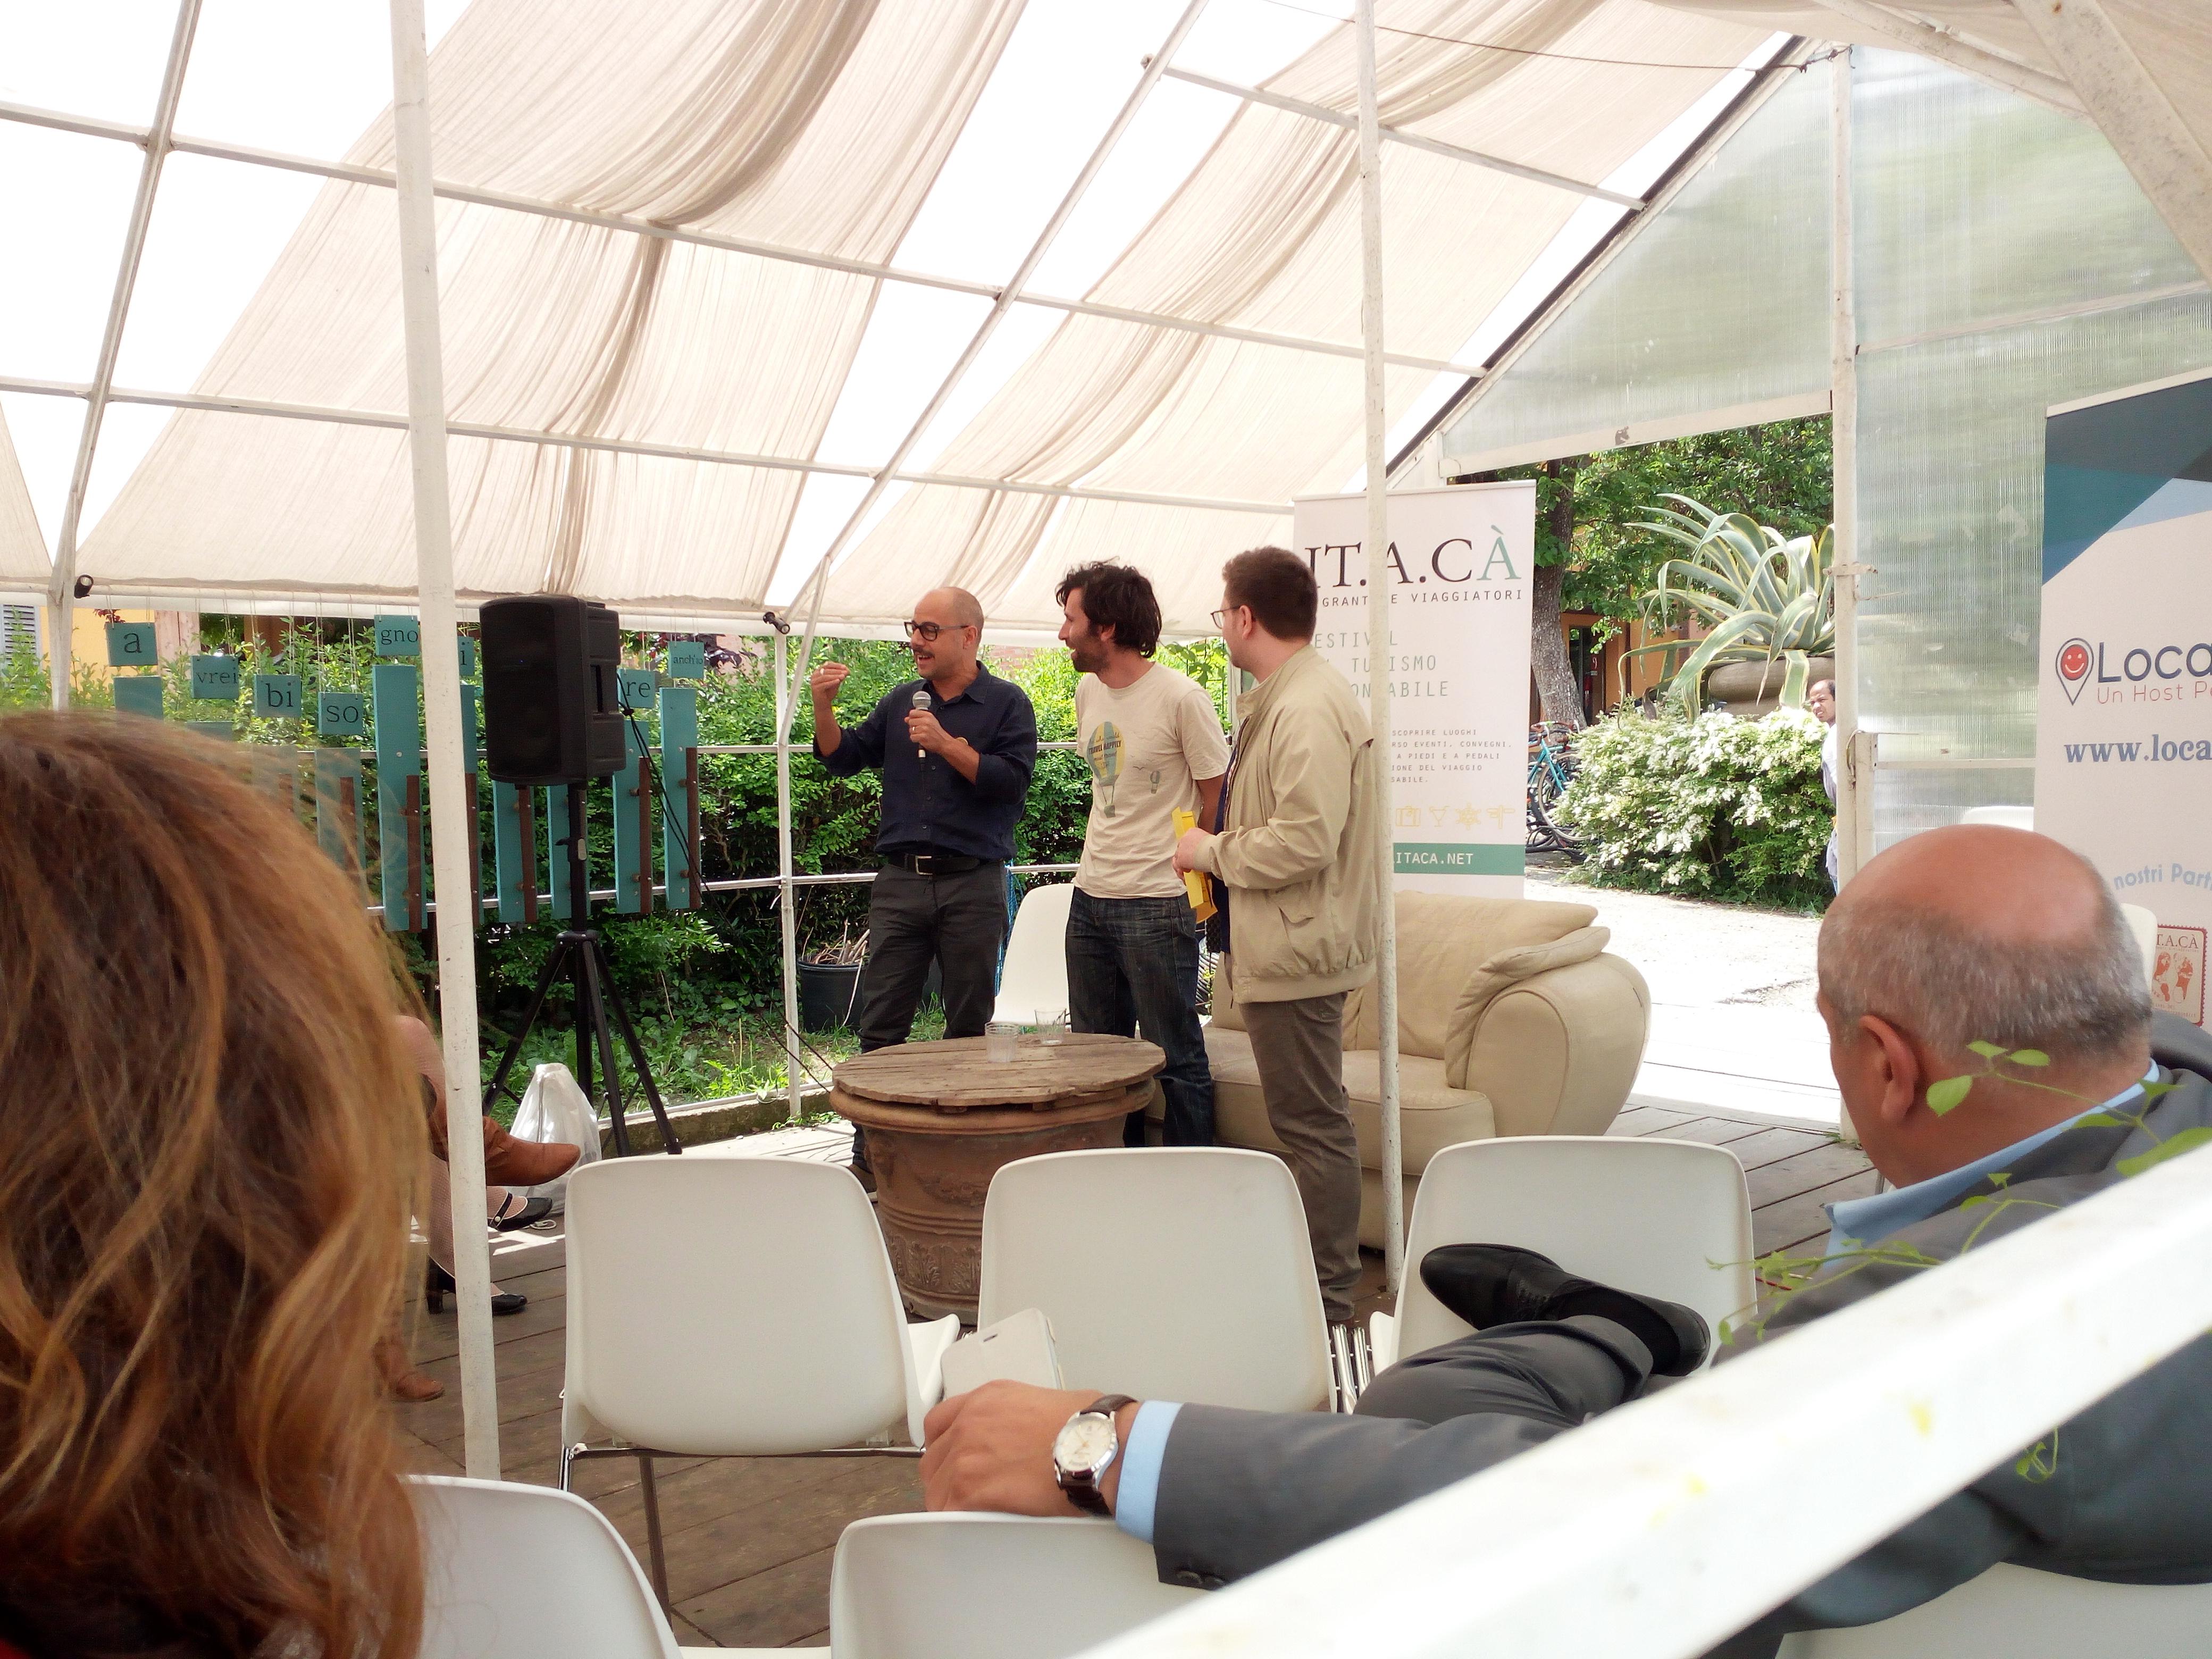 Adotta un Turista - premiazione durante il Festival del Turismo Responsabile ITACA' alle Serre dei Giardini Margherita (Bologna)